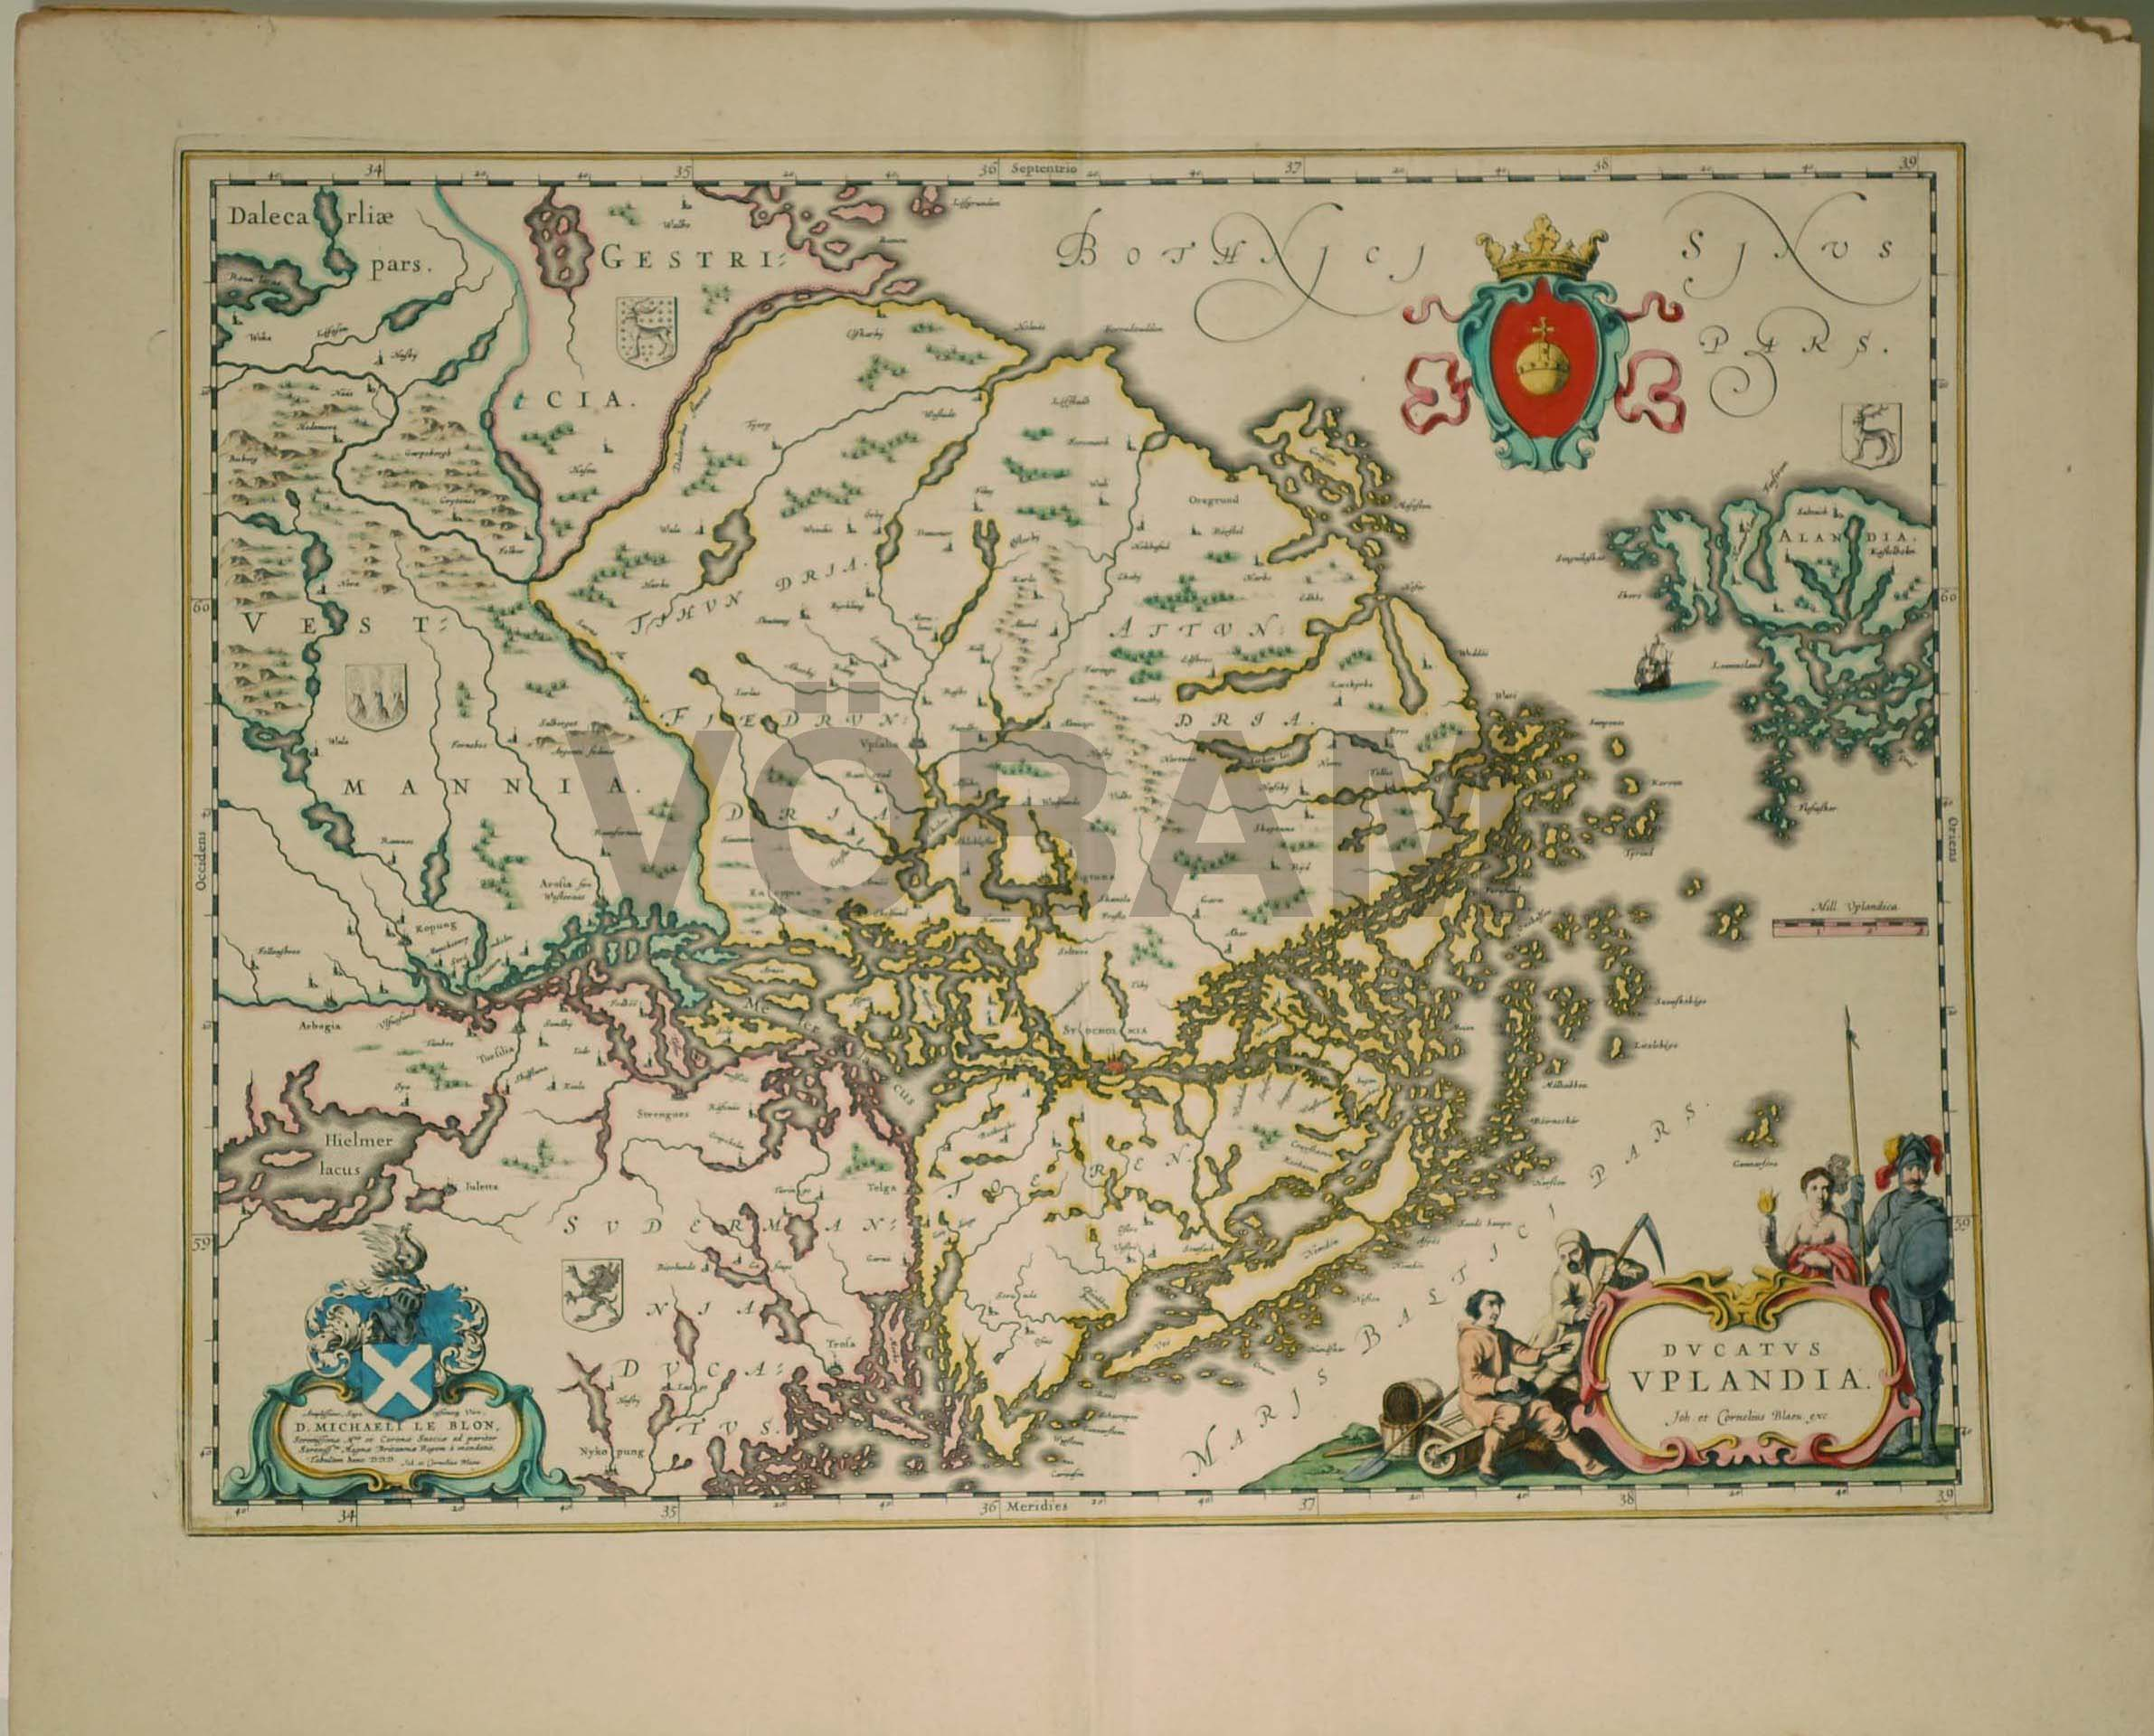 karta över södra dalarna VÖBAM   Bilder och kartor från hela världen, antika och nytryck. karta över södra dalarna